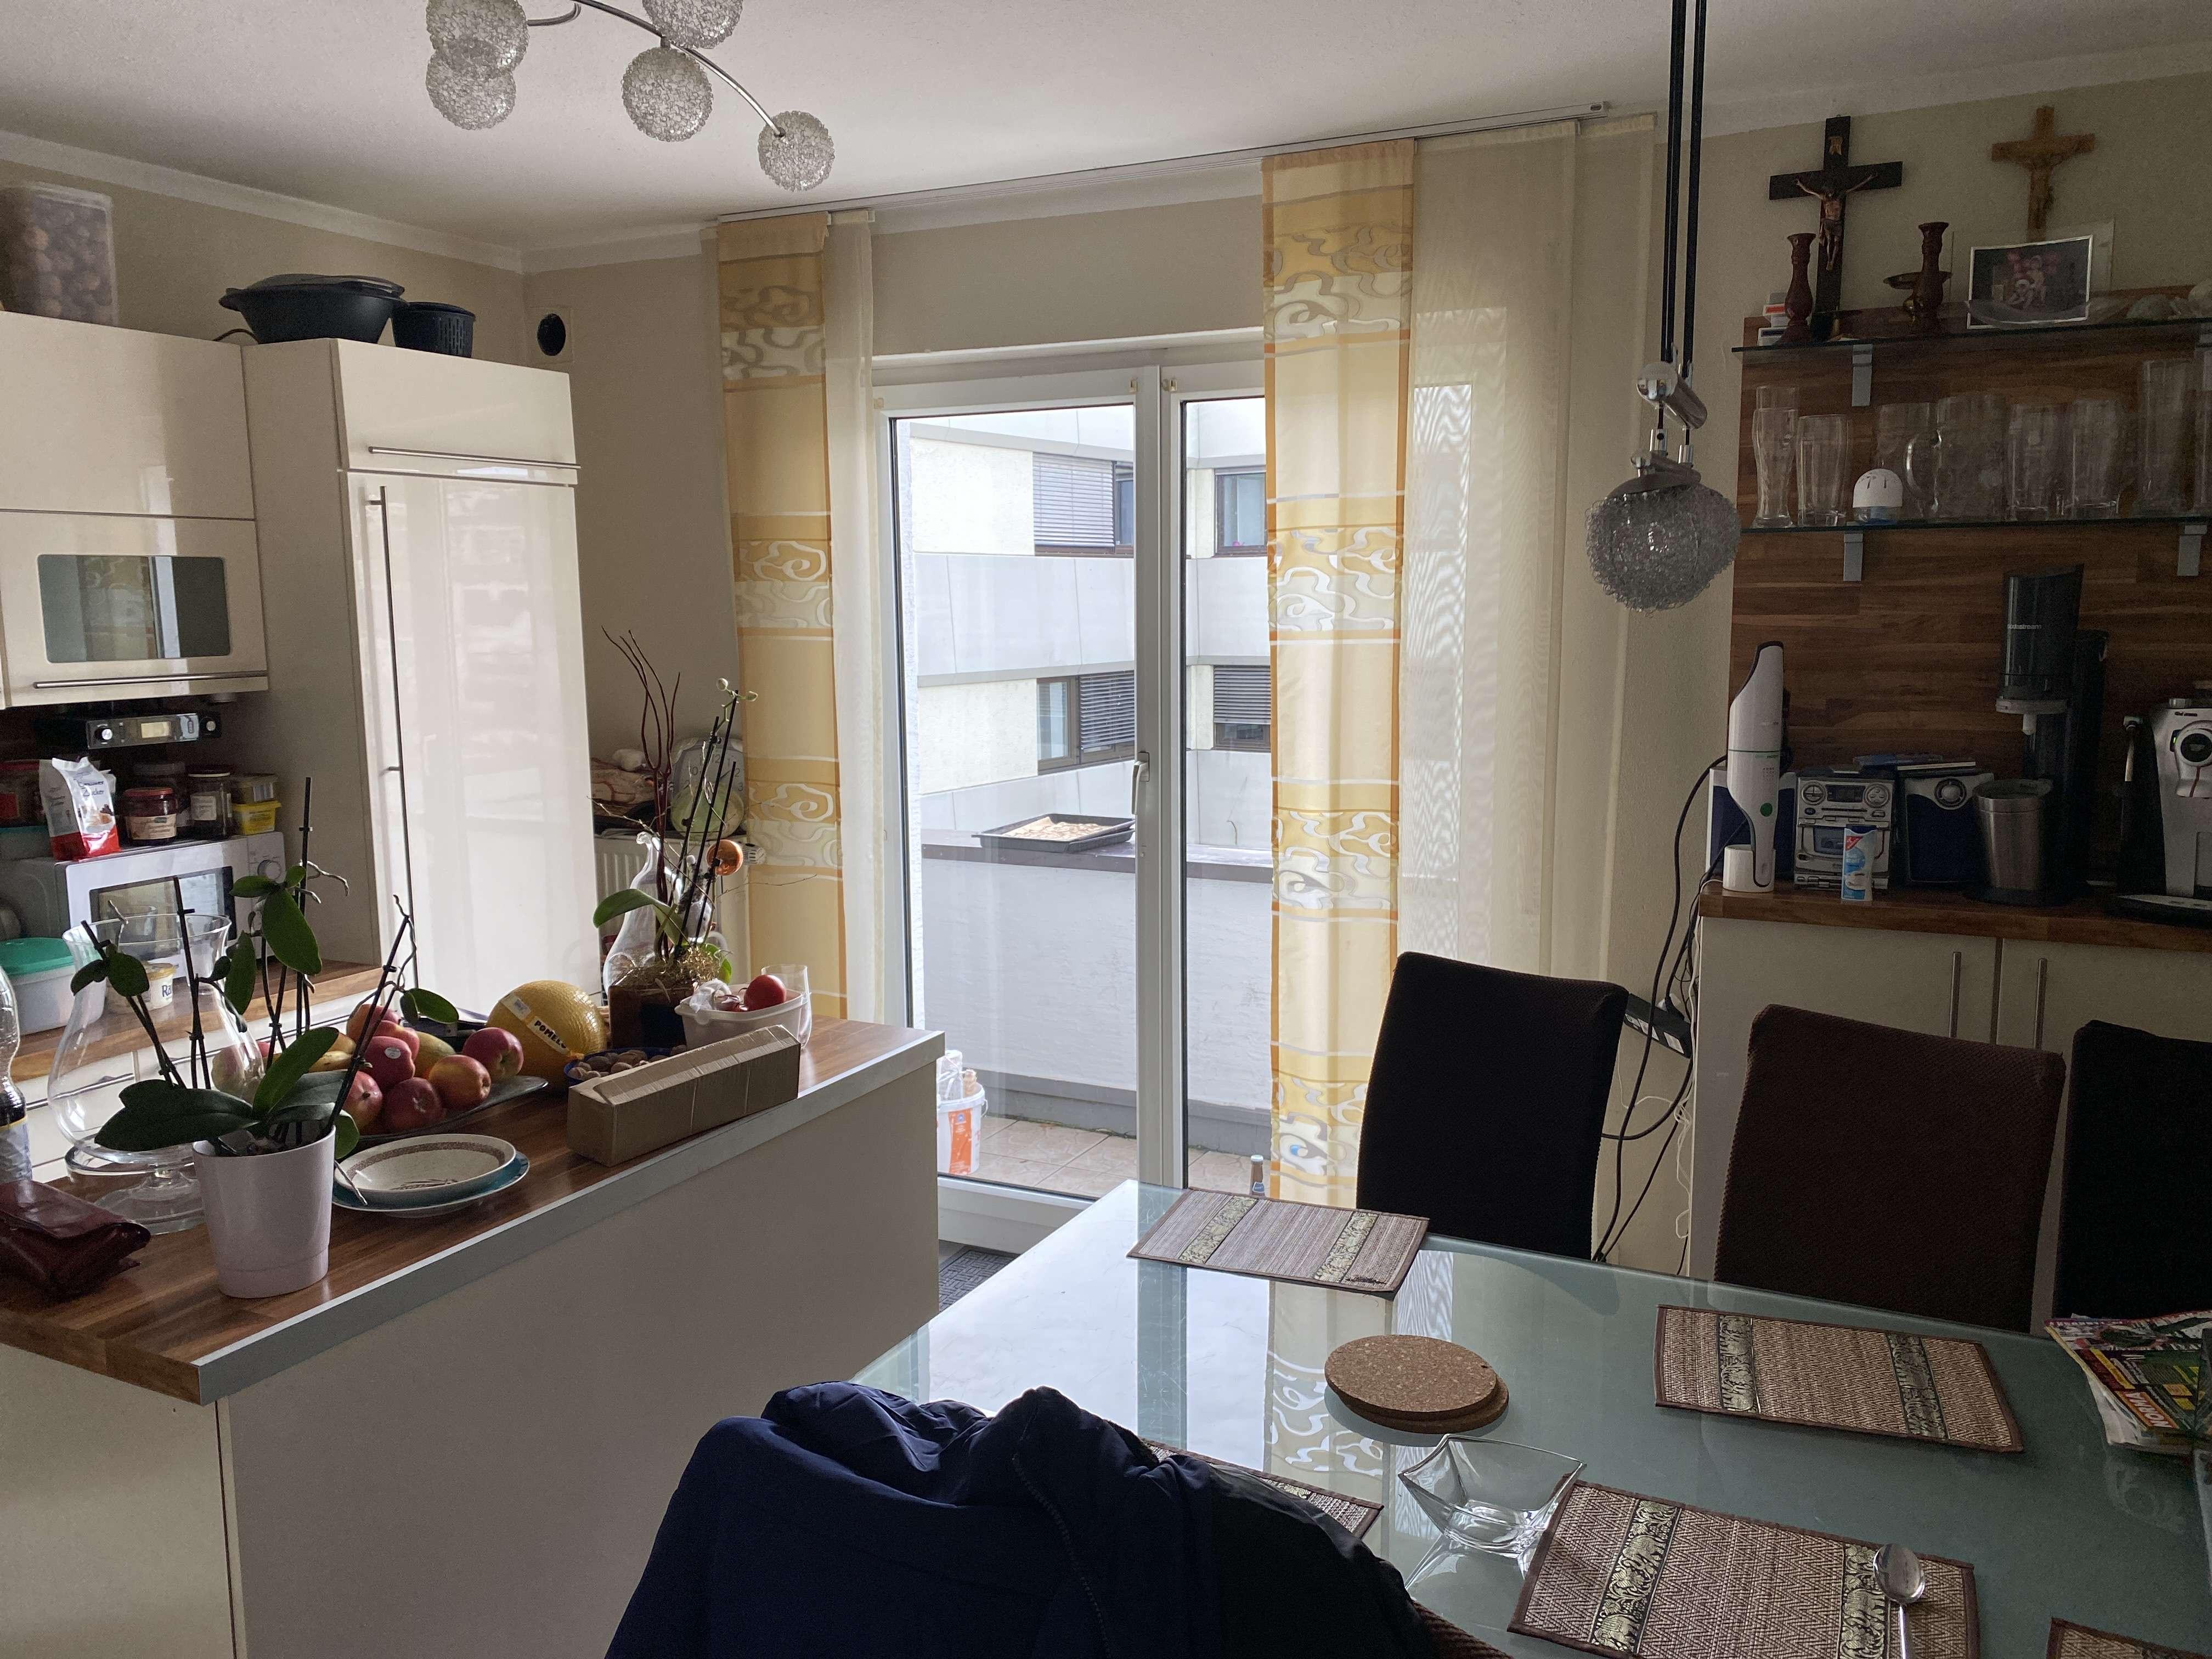 990,00 €, 120 m², 4 Zimmer in Deggendorf